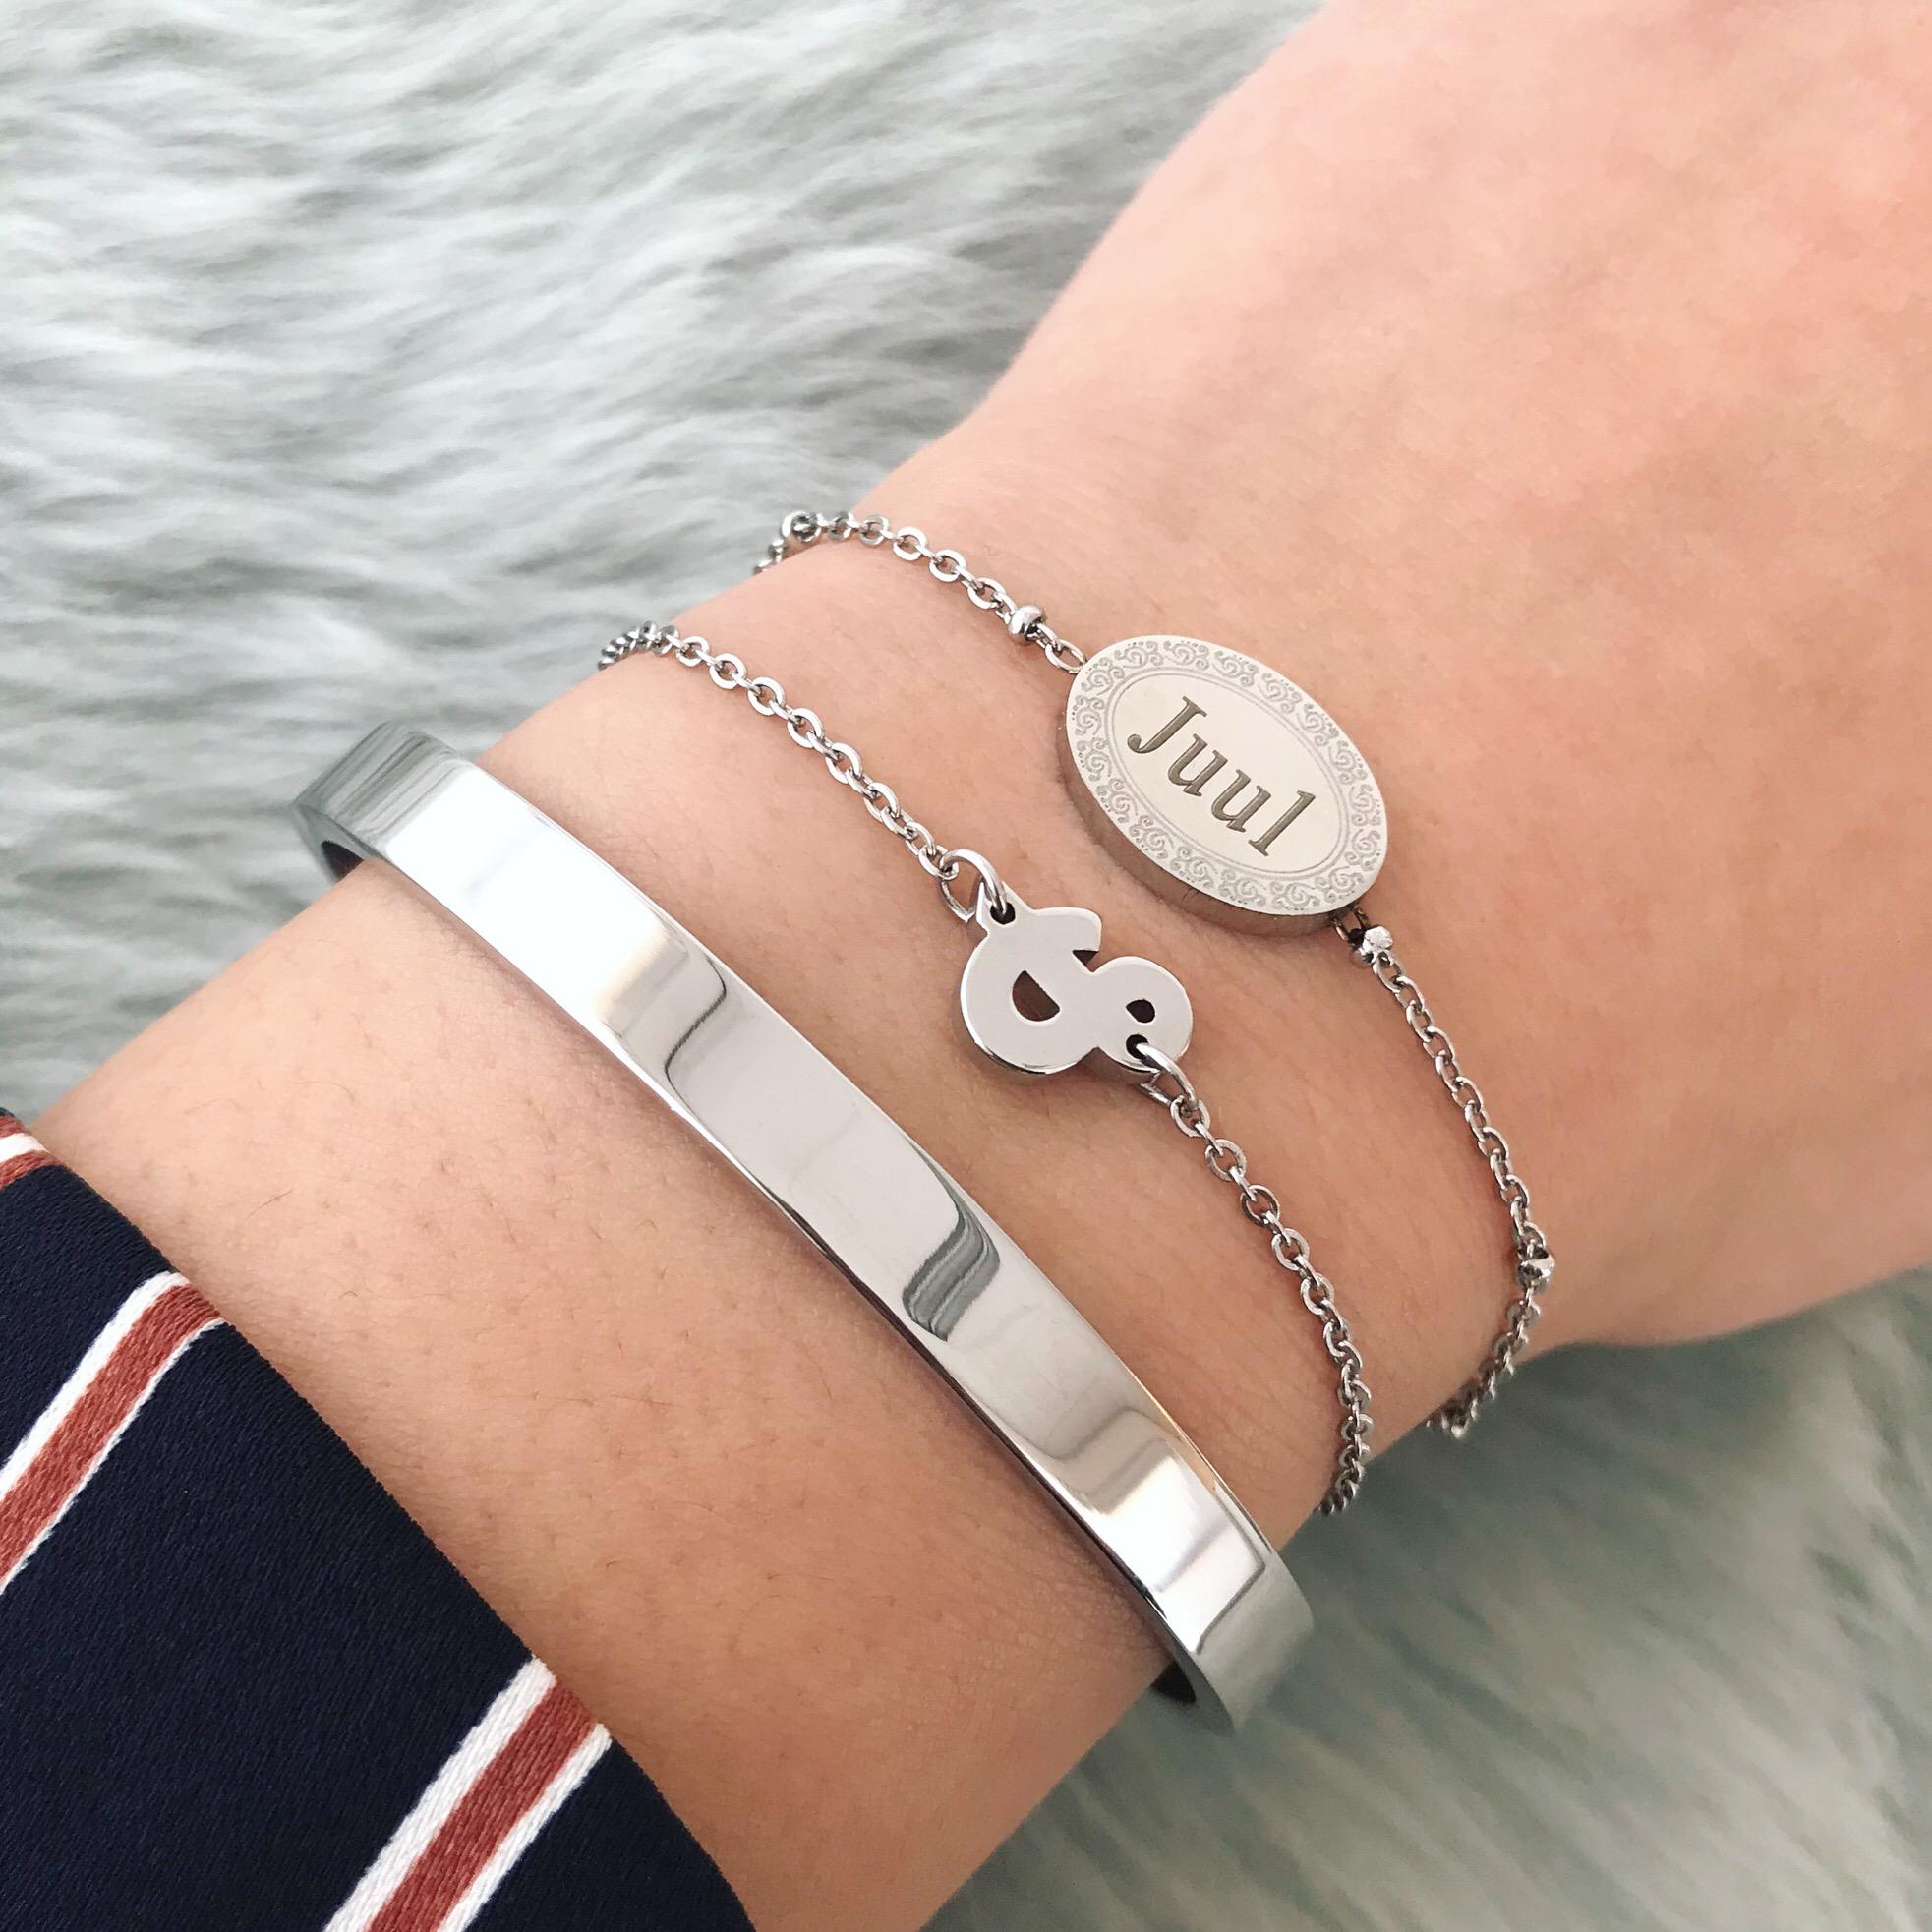 Graveerbare armband gecombineerd met bangle en schakelarmbandje